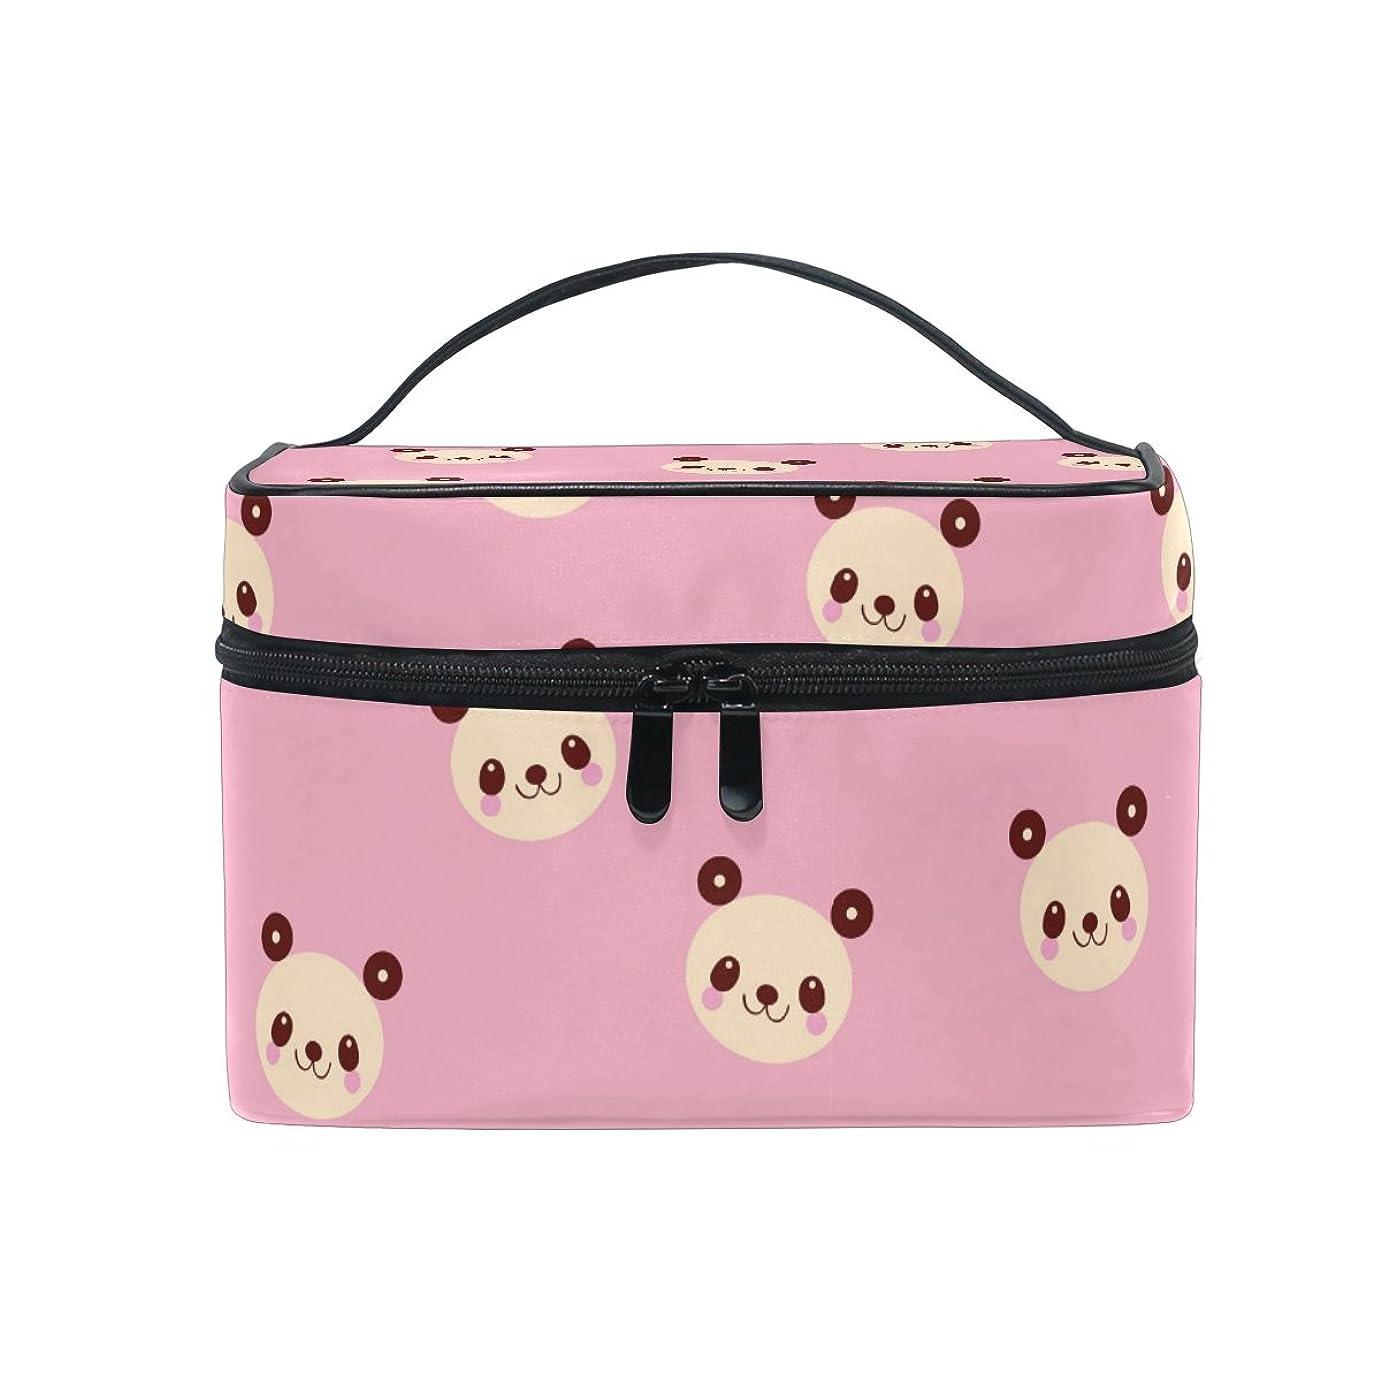 雇った集める白鳥ALAZA 化粧ポーチ 花柄 化粧 メイクボックス 収納用品 ピンク 大きめ かわいい